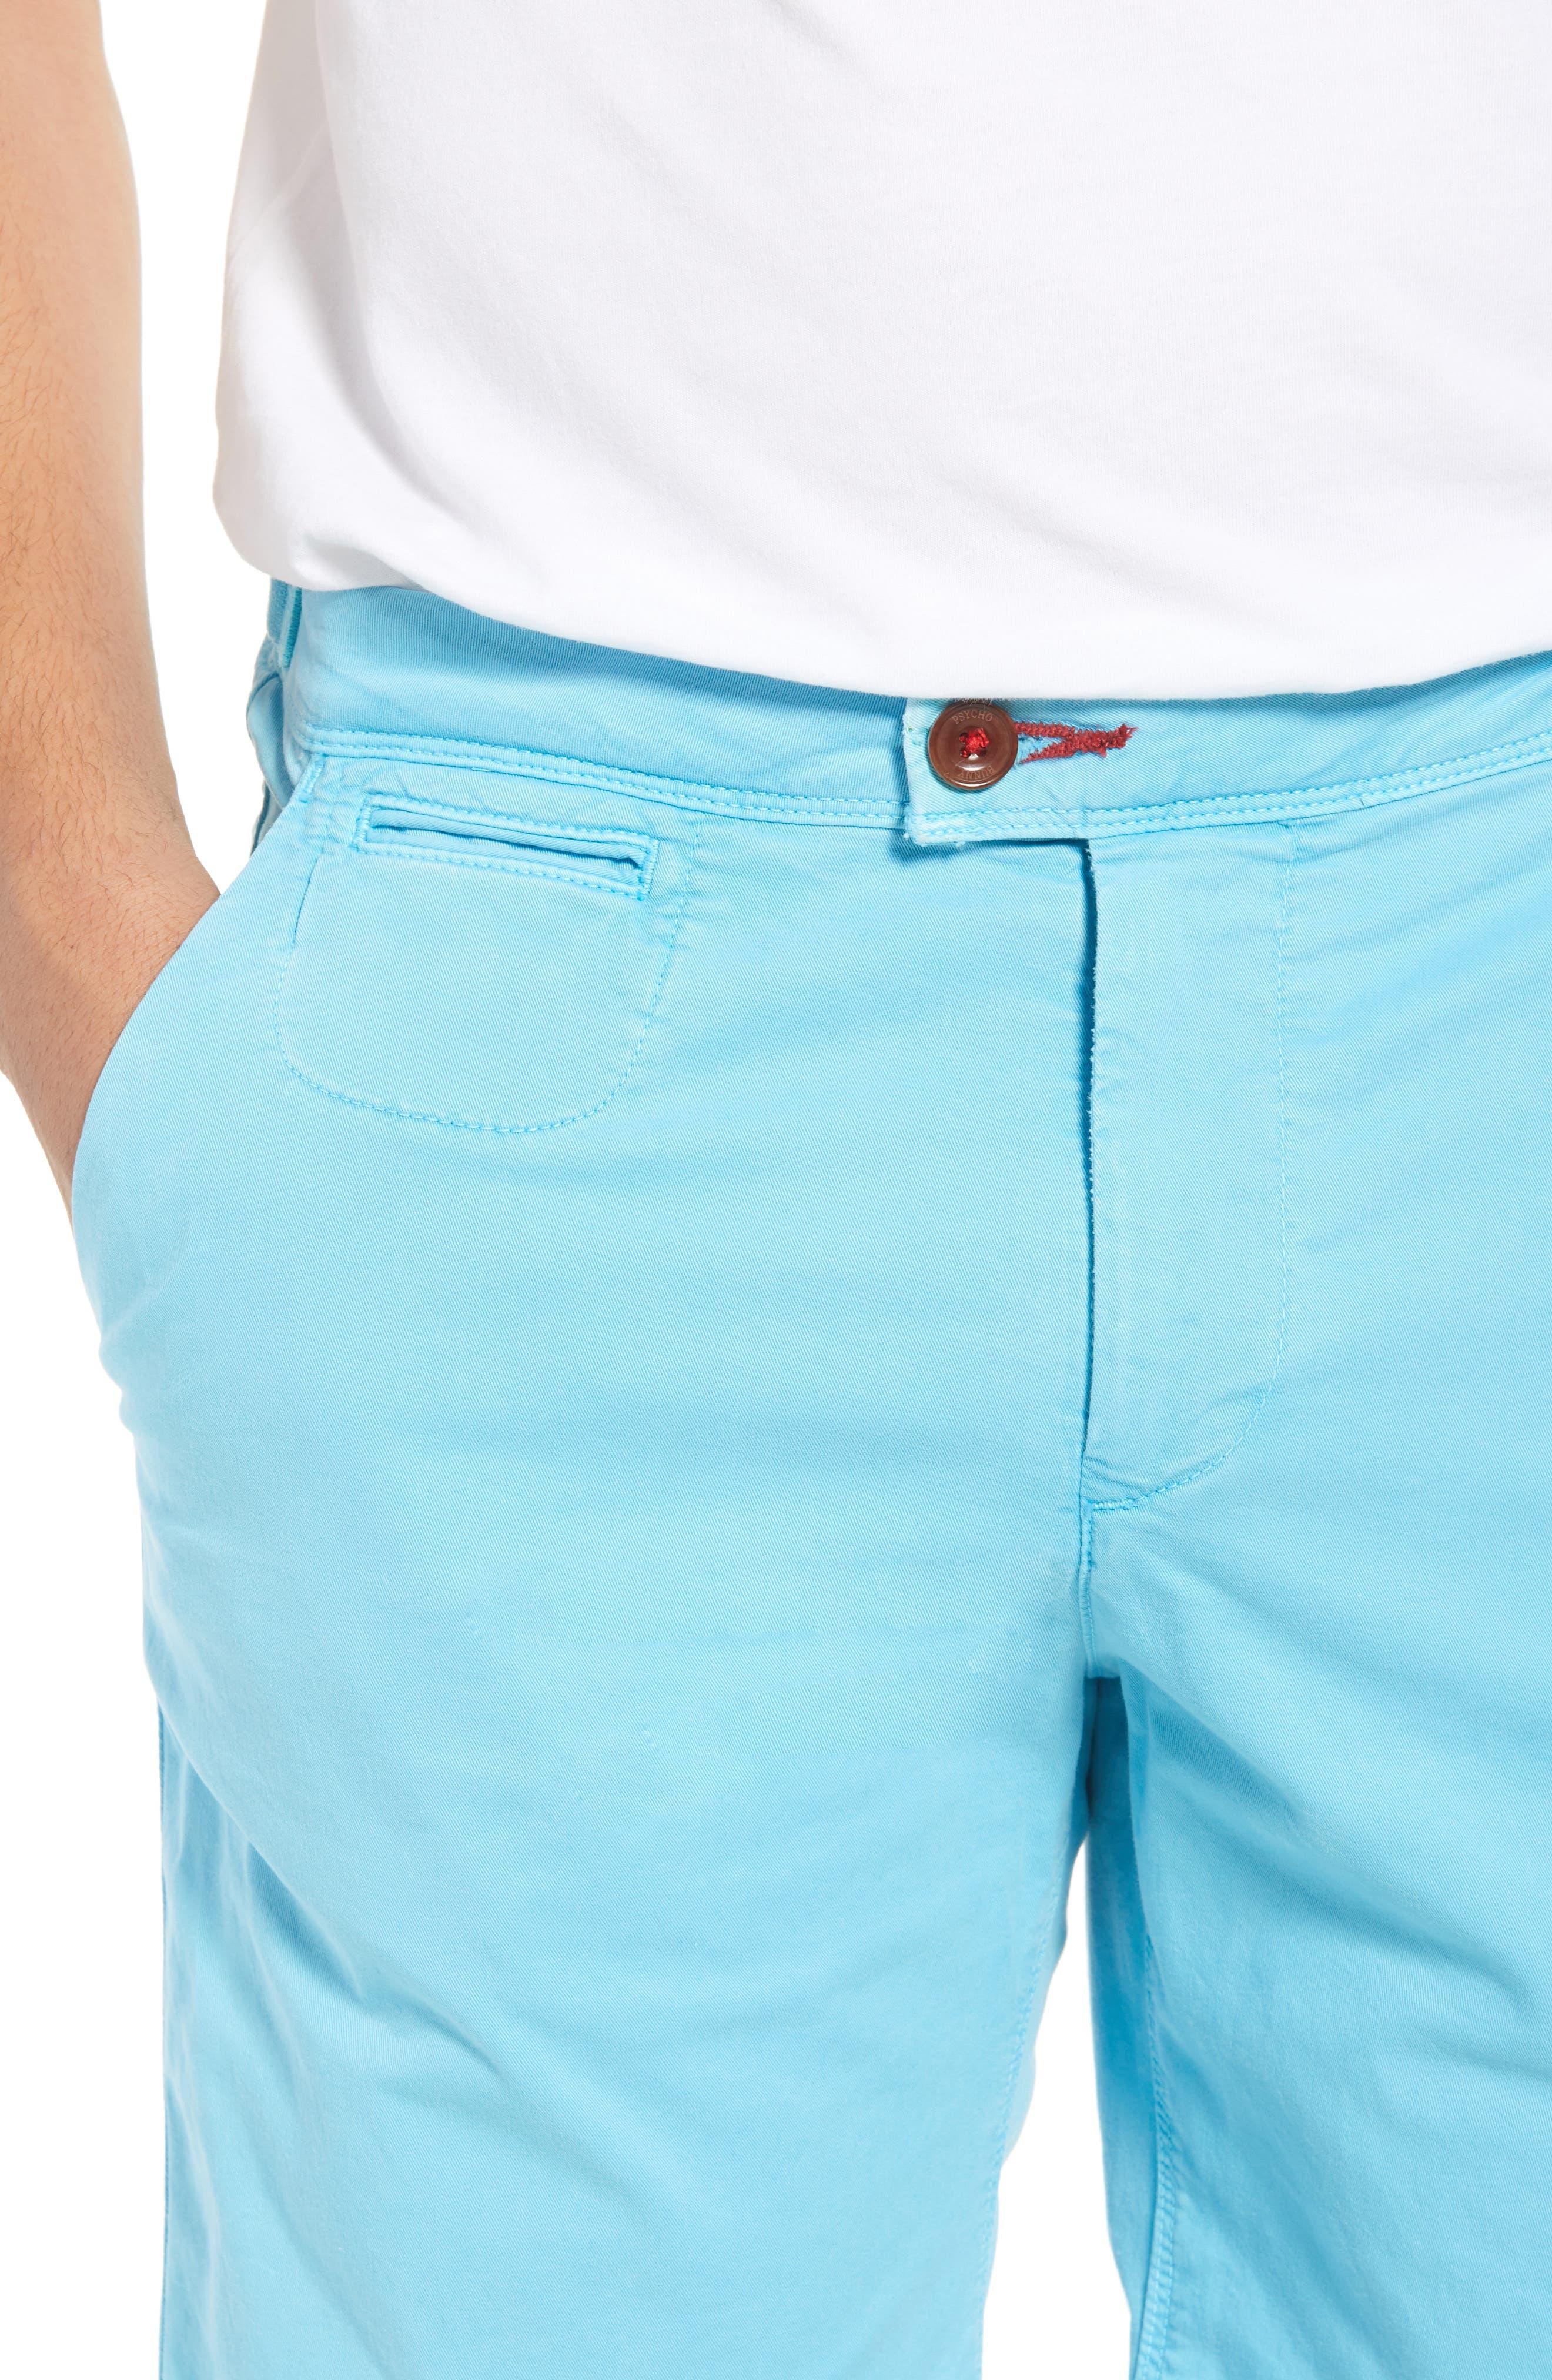 Triumph Shorts,                             Alternate thumbnail 48, color,